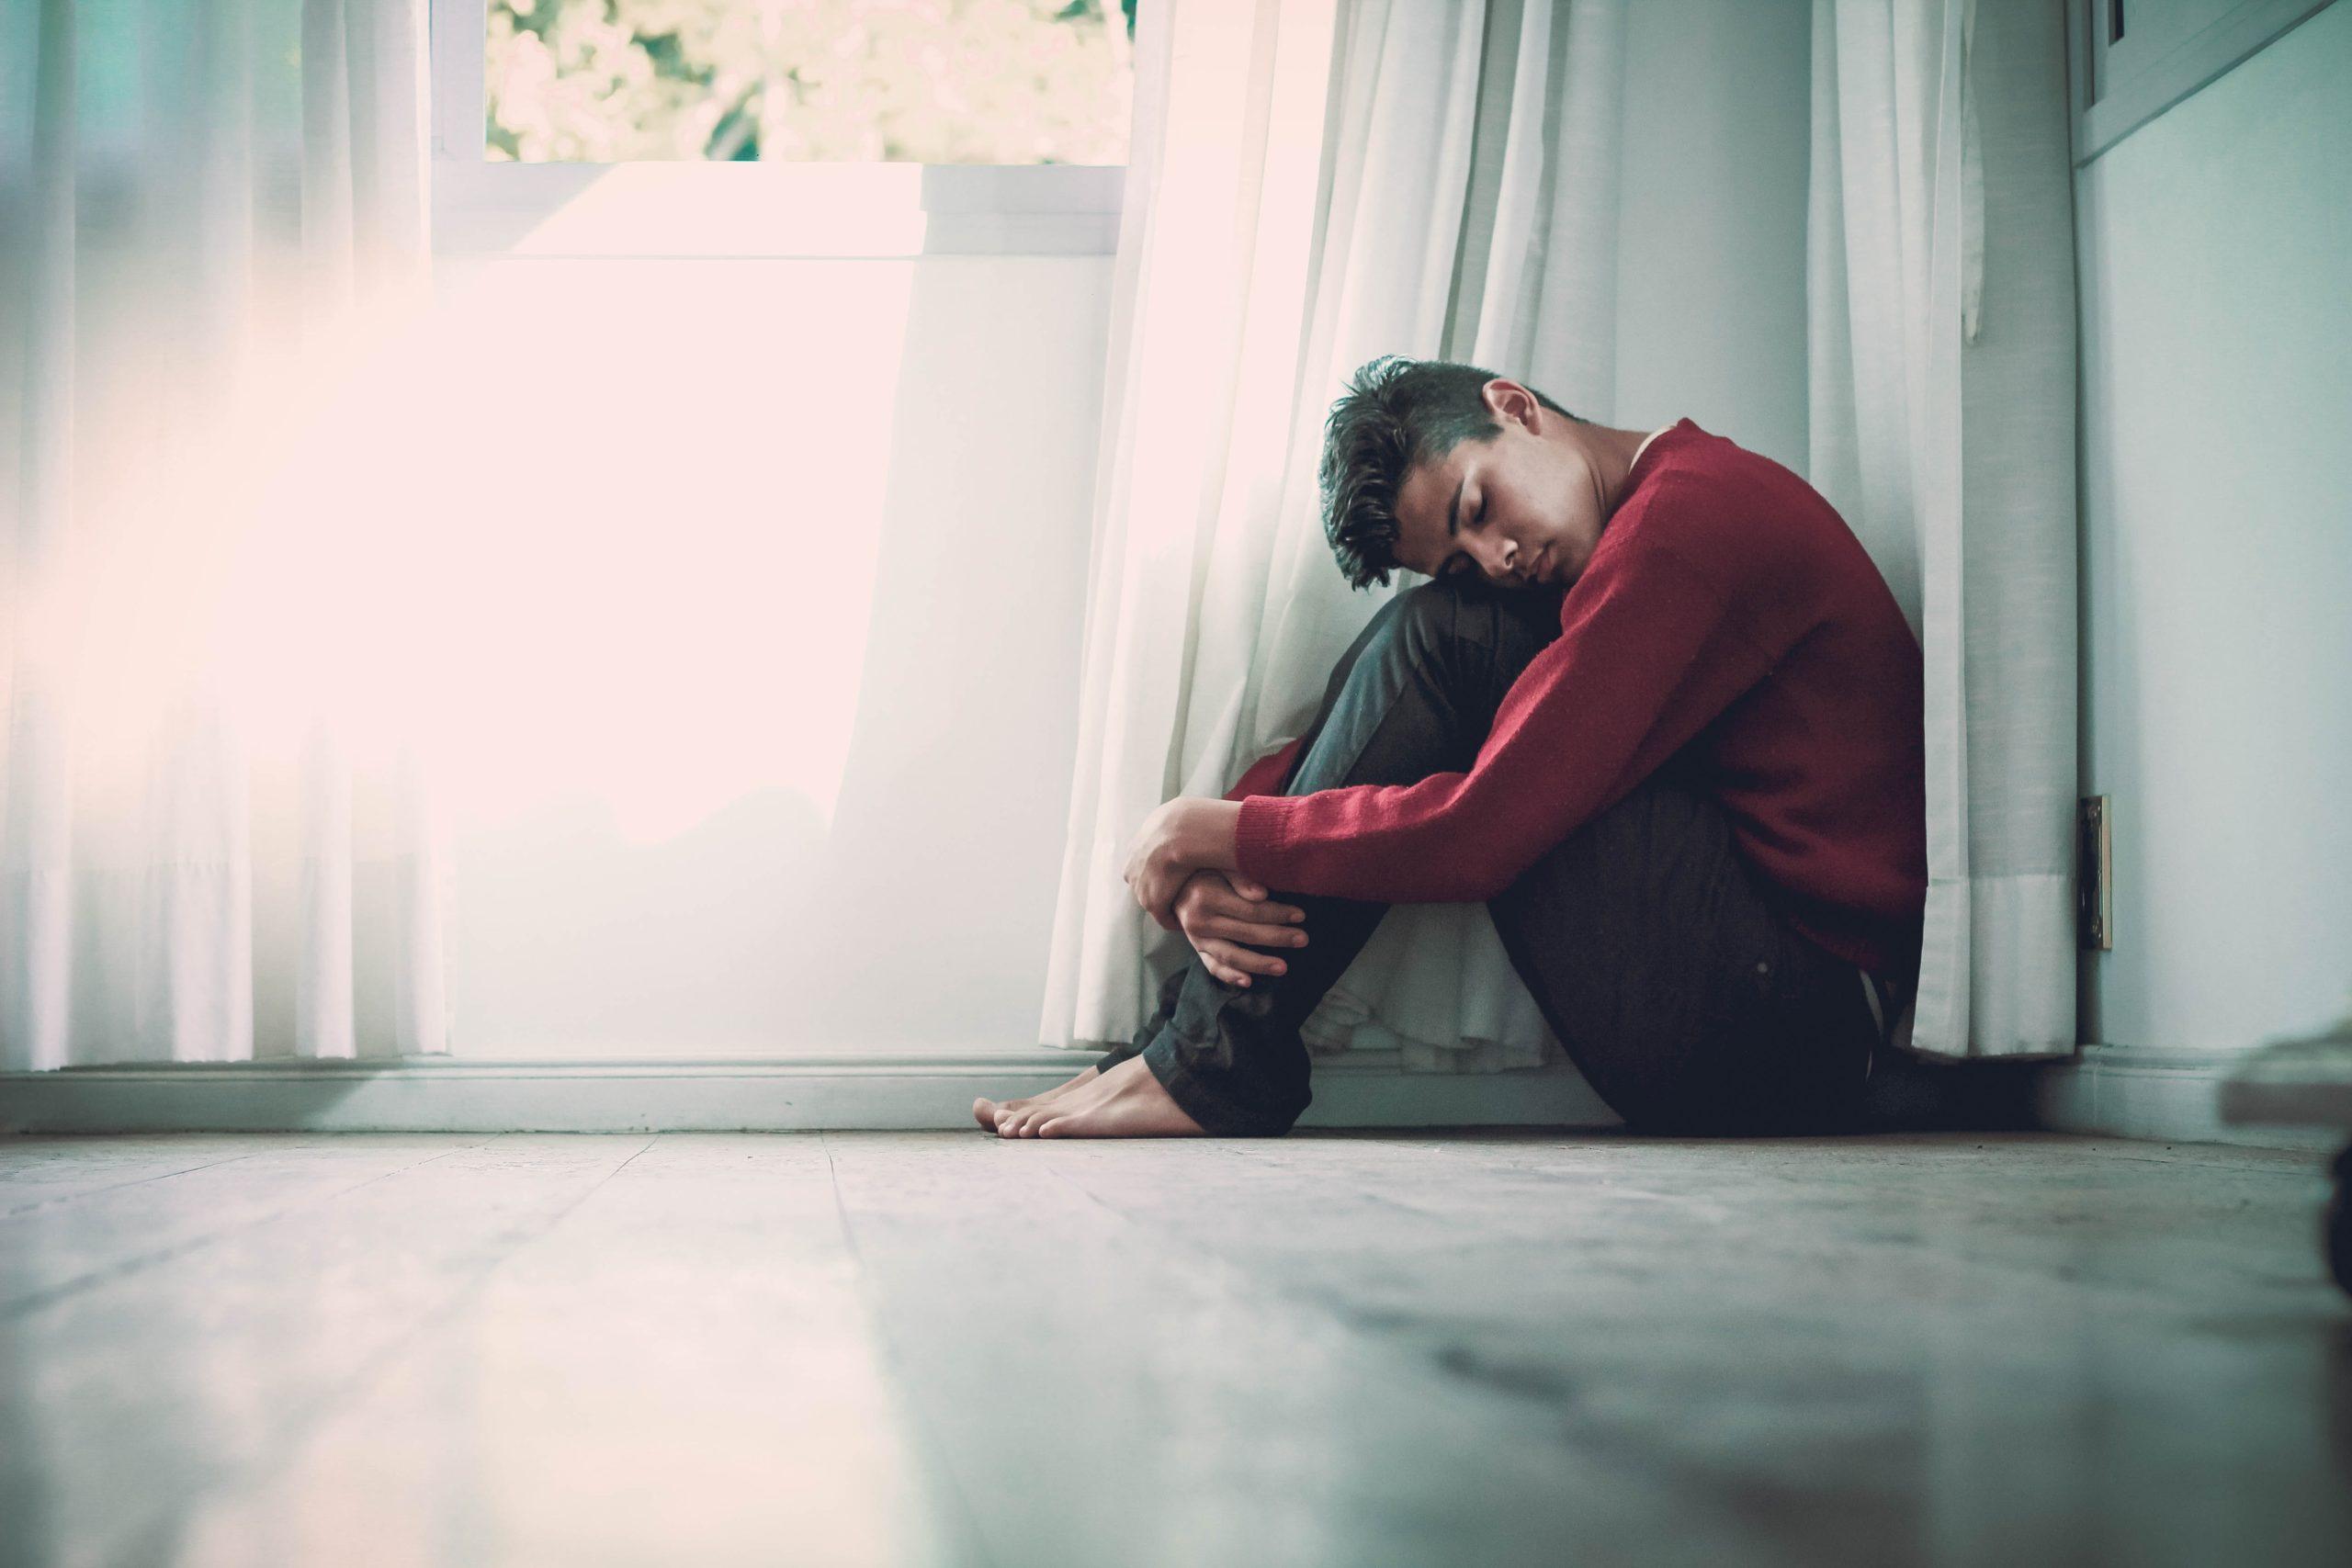 Depressione: che cos'è e come affrontarla